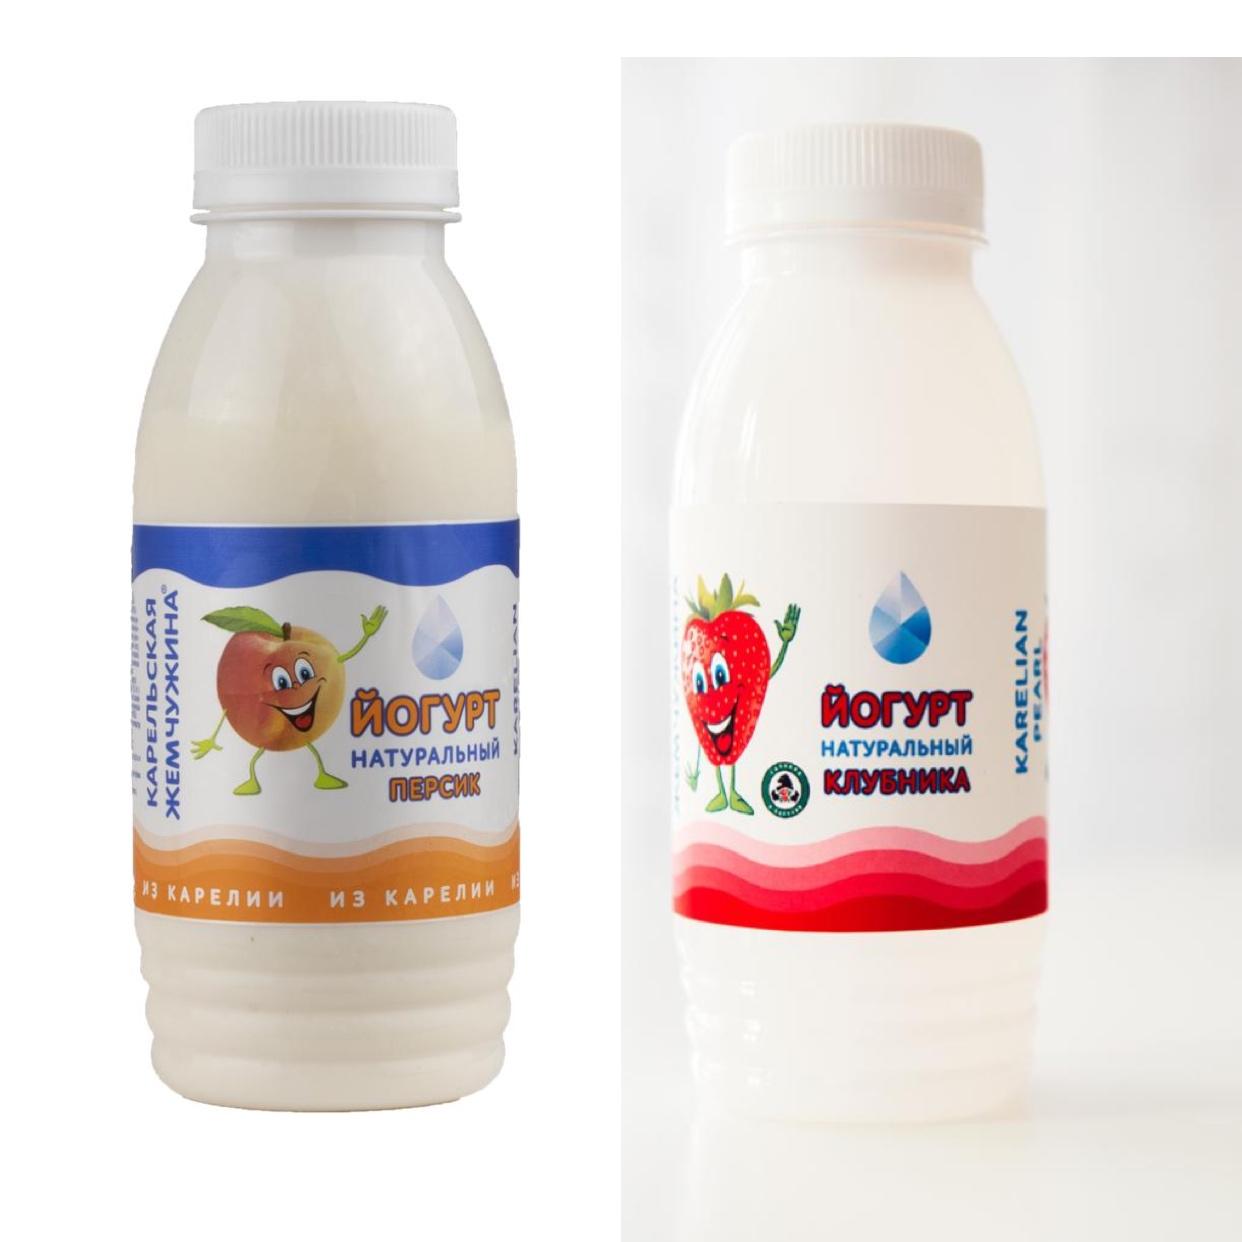 Йогурт фруктовый 2,1% 290 г.   -«Персик»   -«Клубника»